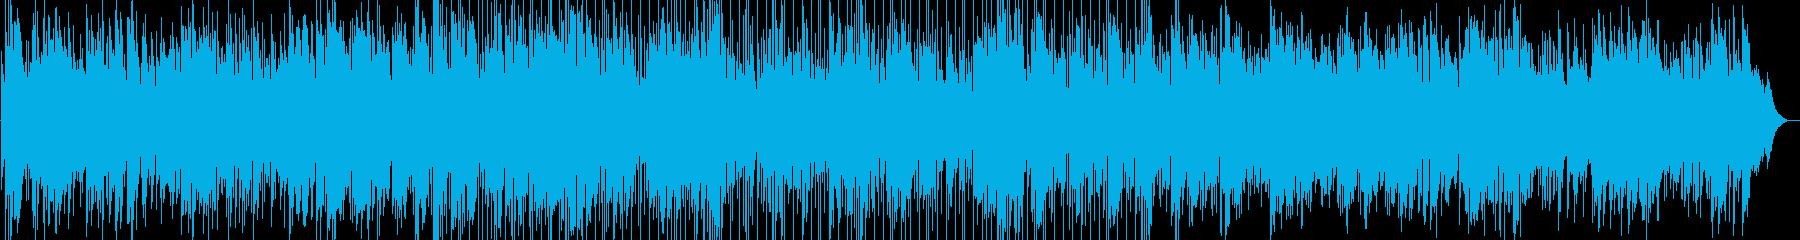 憂鬱、退屈な日々を表現したフォークロックの再生済みの波形